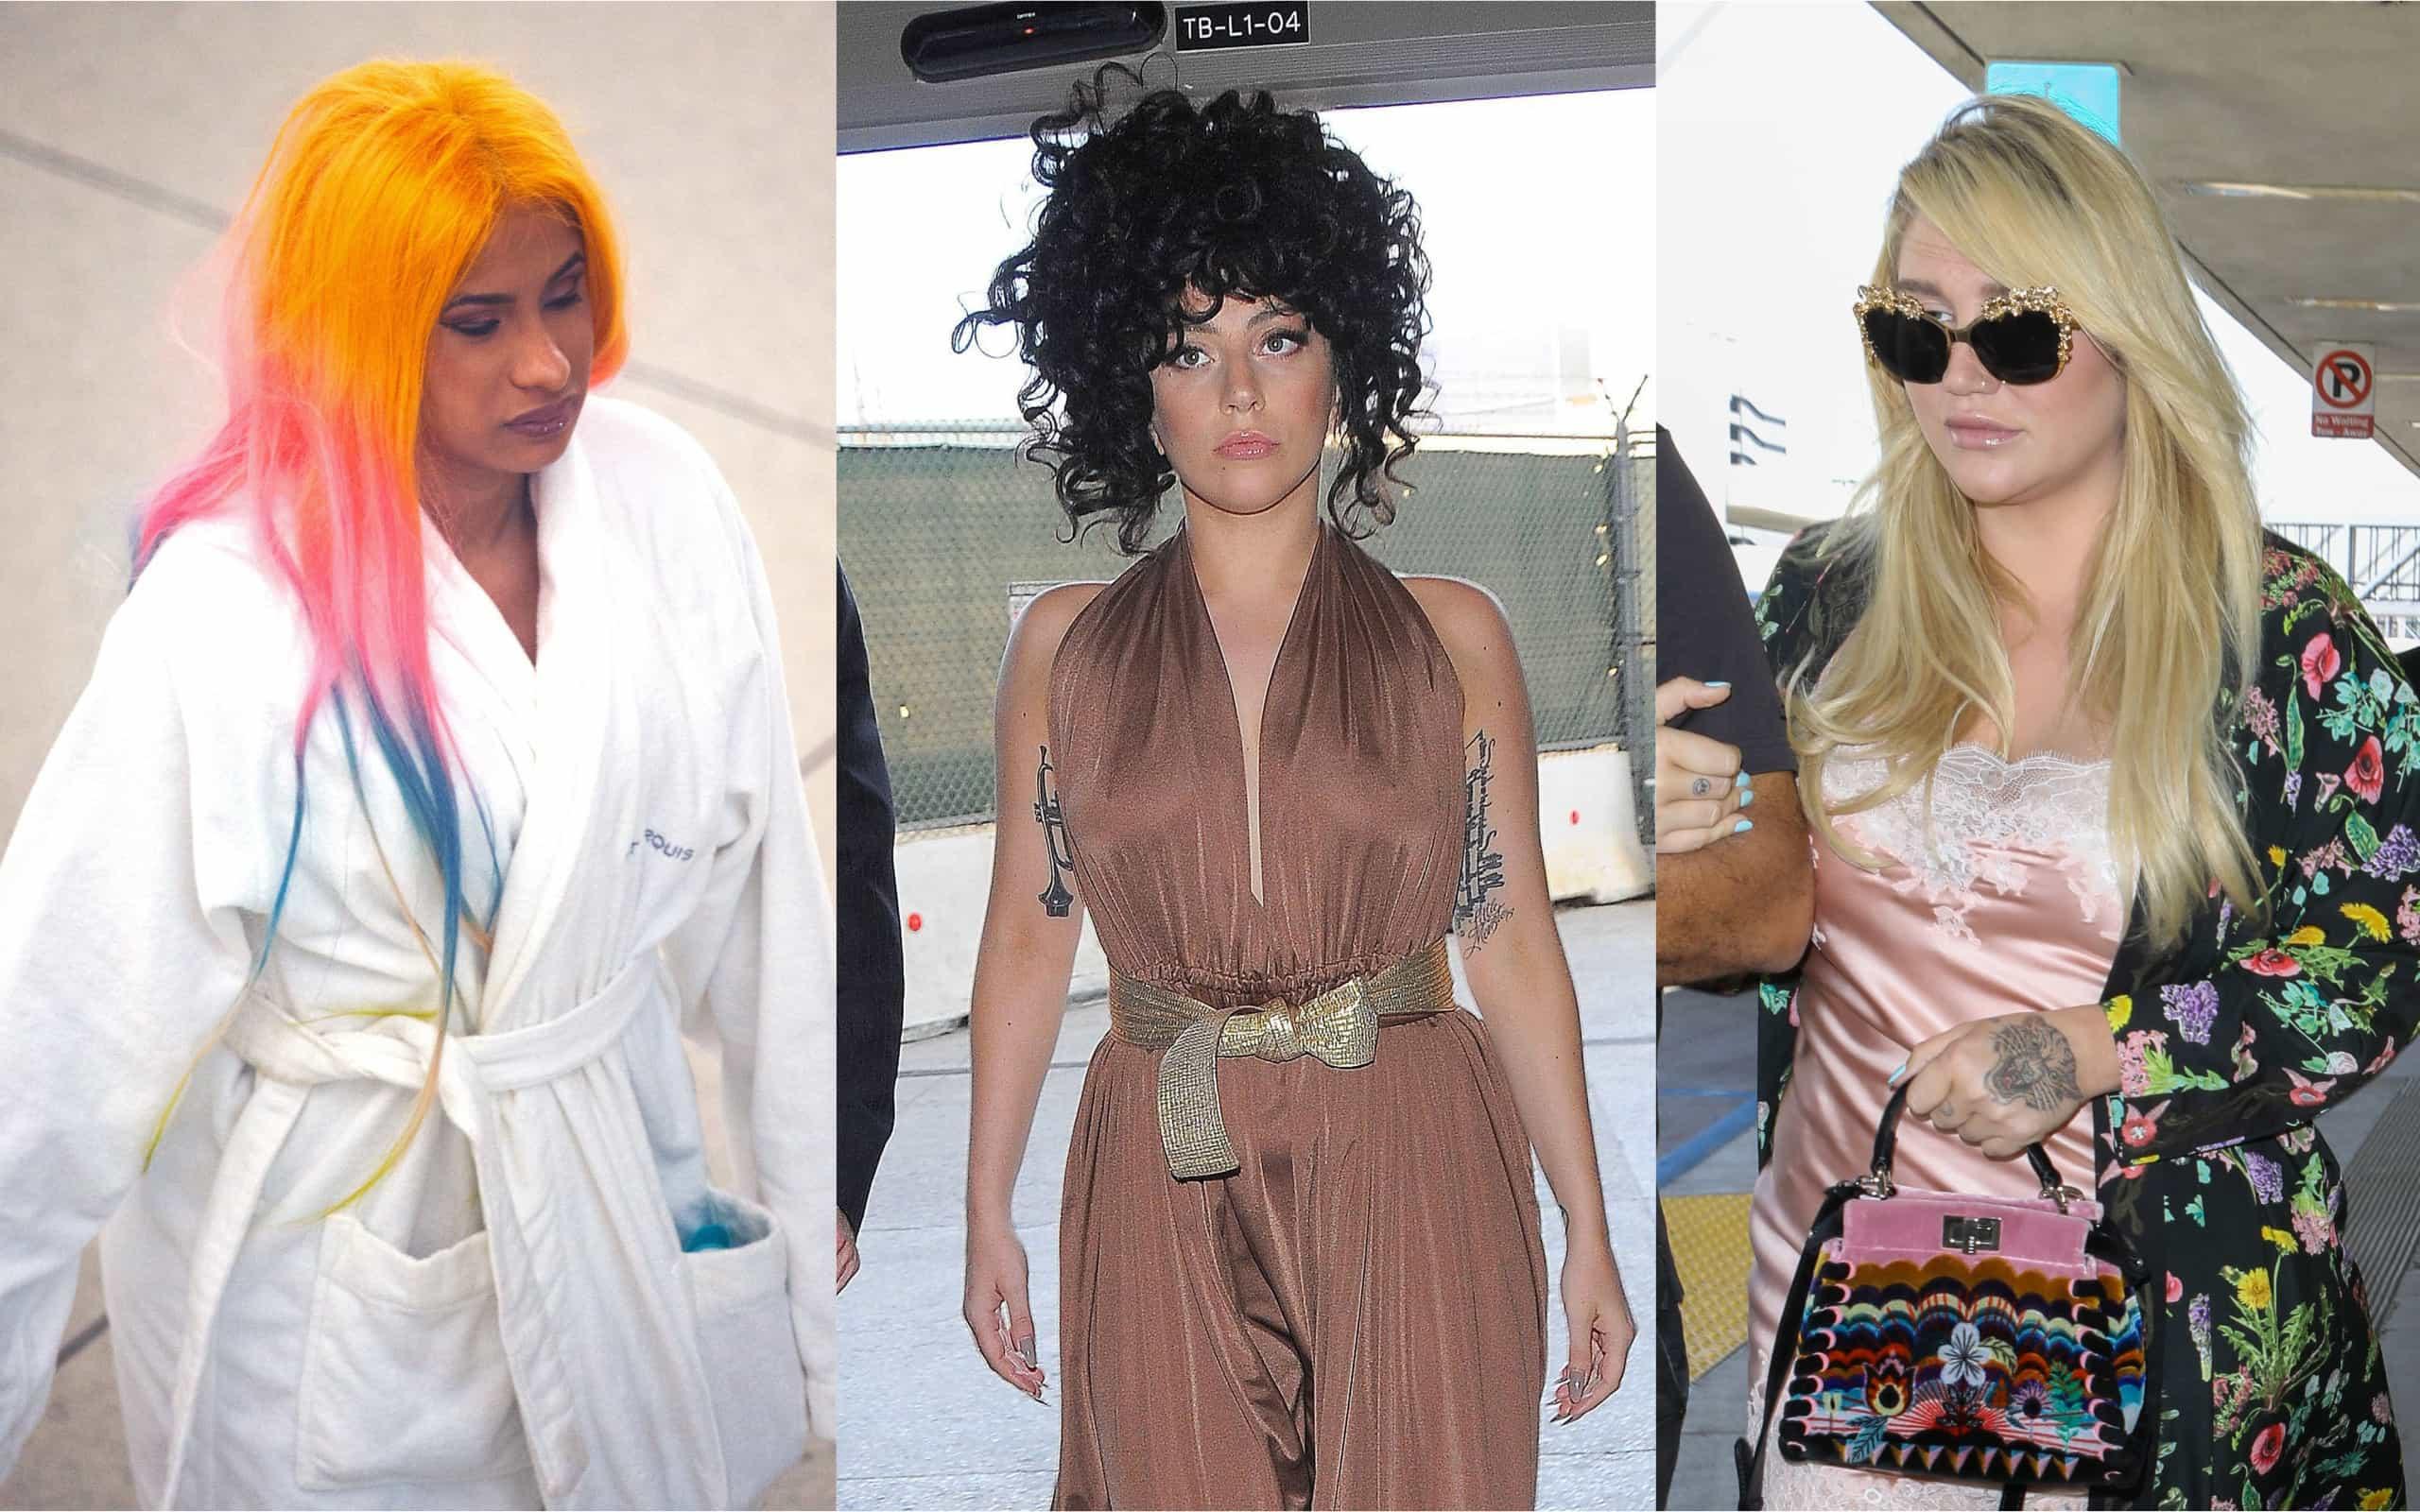 Os looks mais estranhos que os famosos usaram no aeroporto